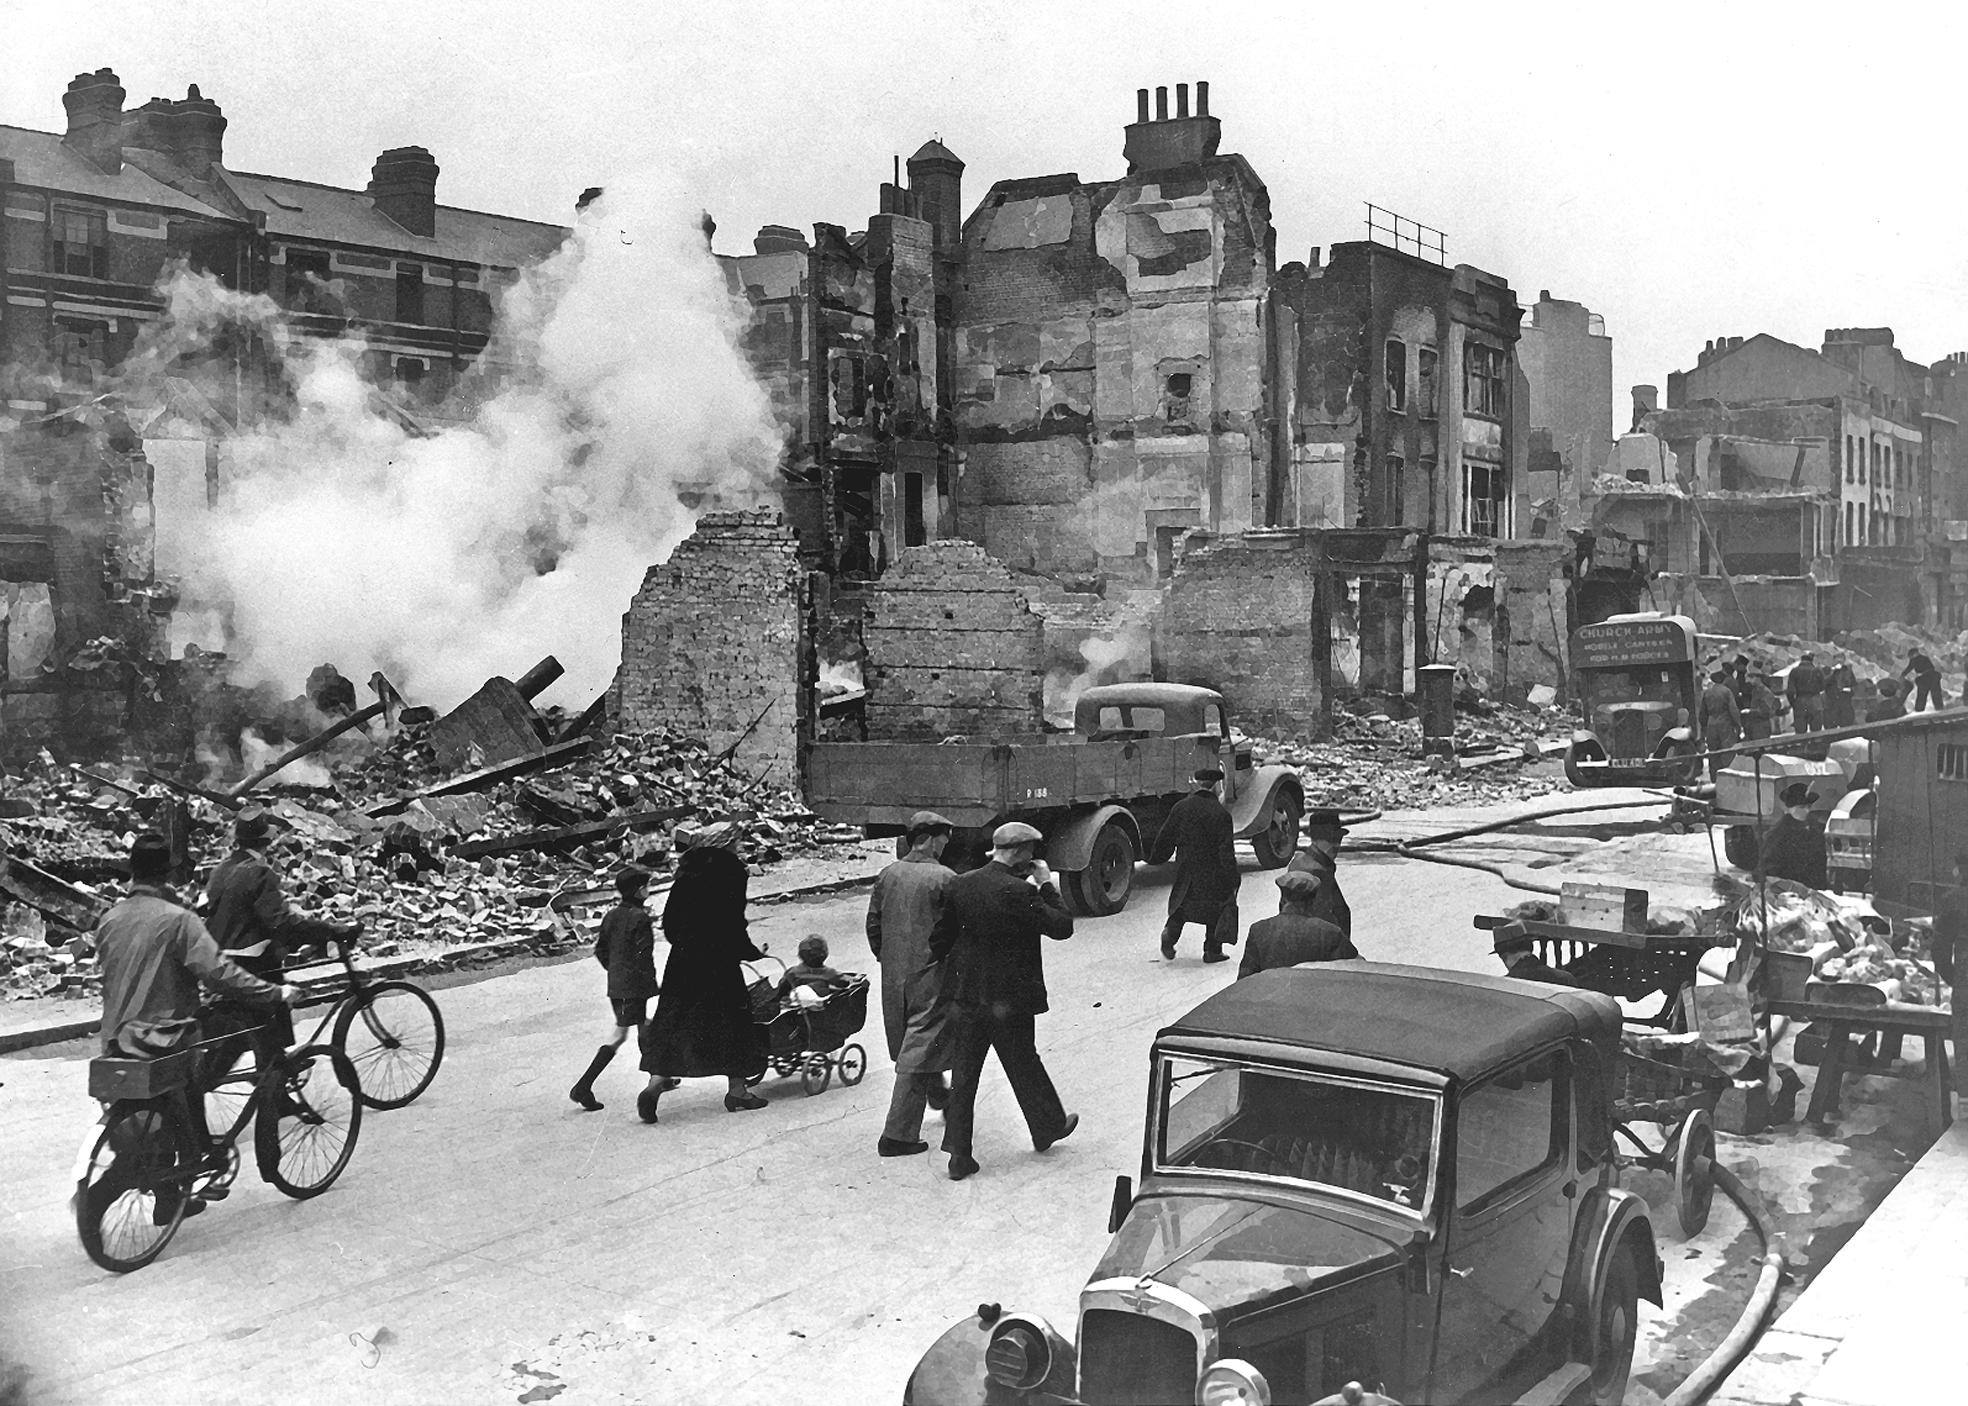 Bild: Kriegsereignisse und Menschen in Ruinen, Bildquelle: wikipedia